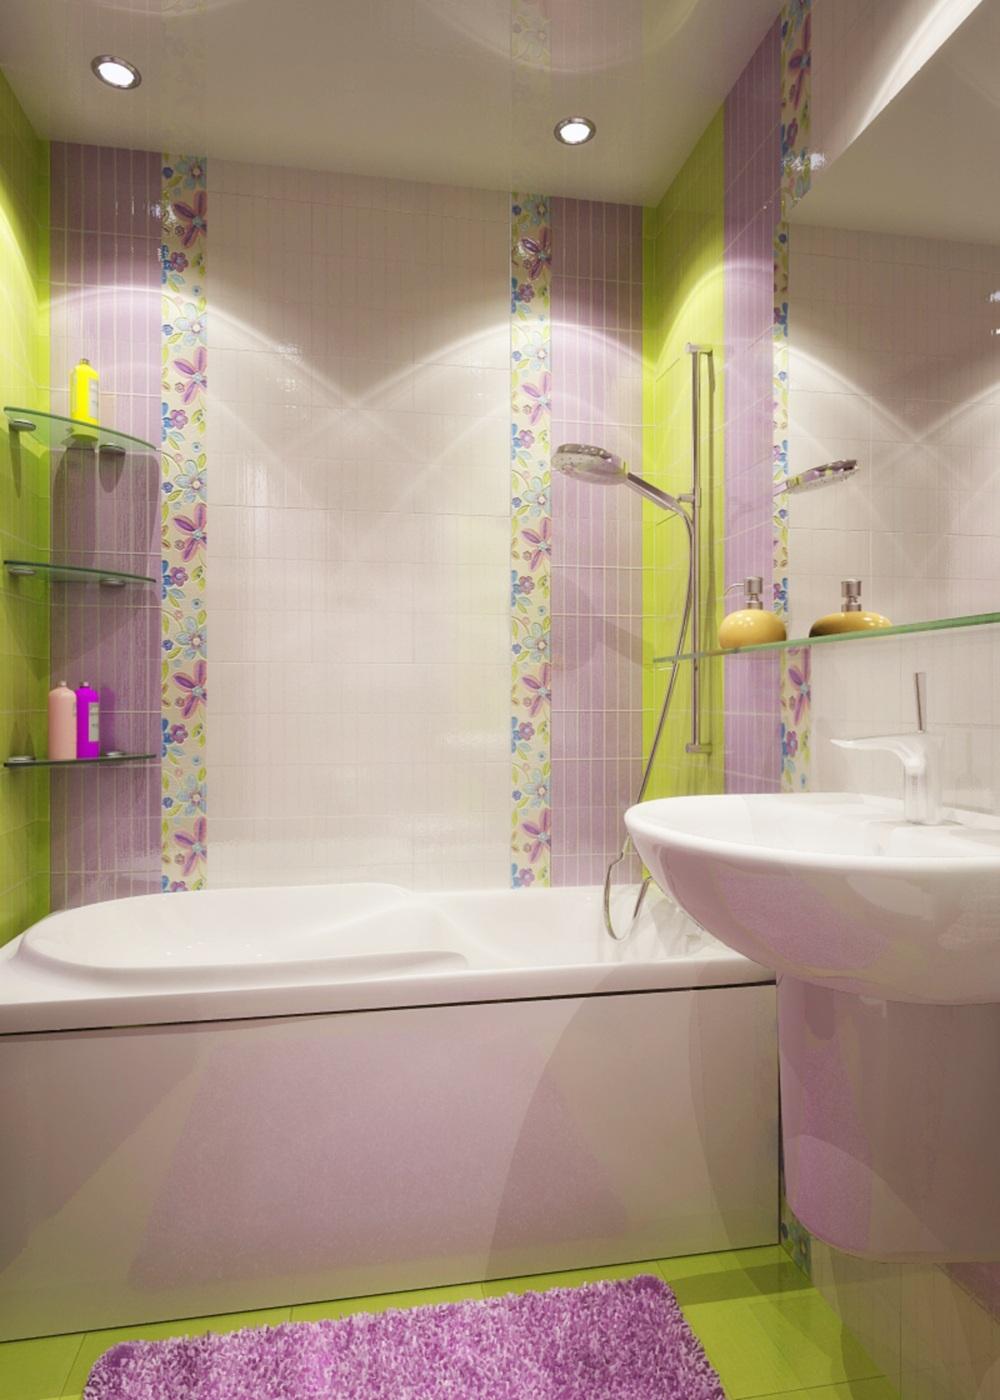 дизайн плитки в ванной комнате фото маленького размера